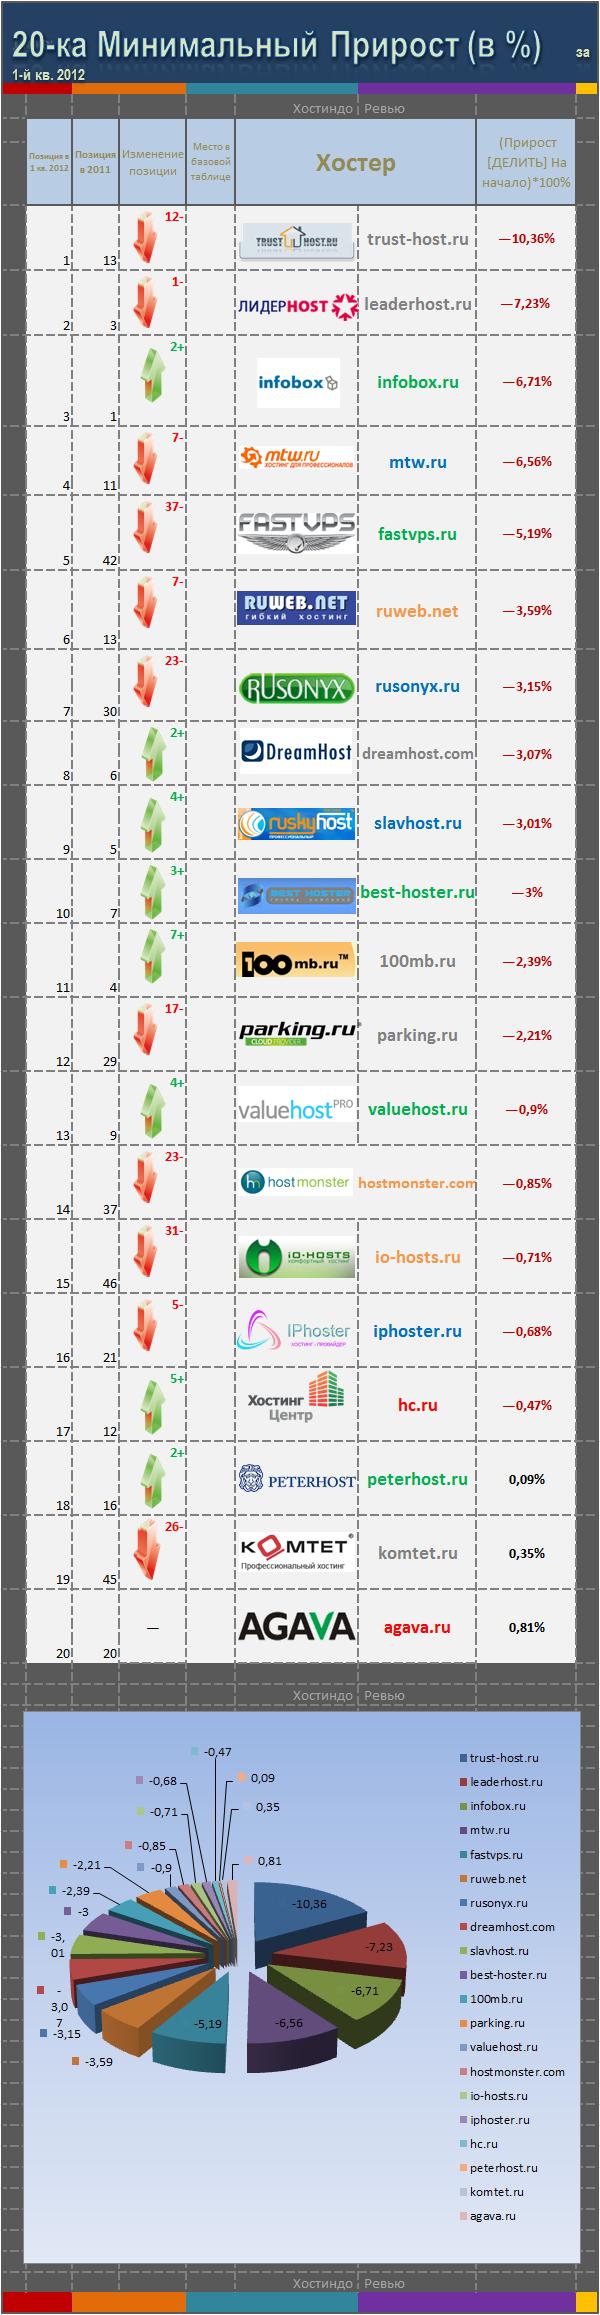 Хостеры с минимальным ростом доменной базы в % от начала периода